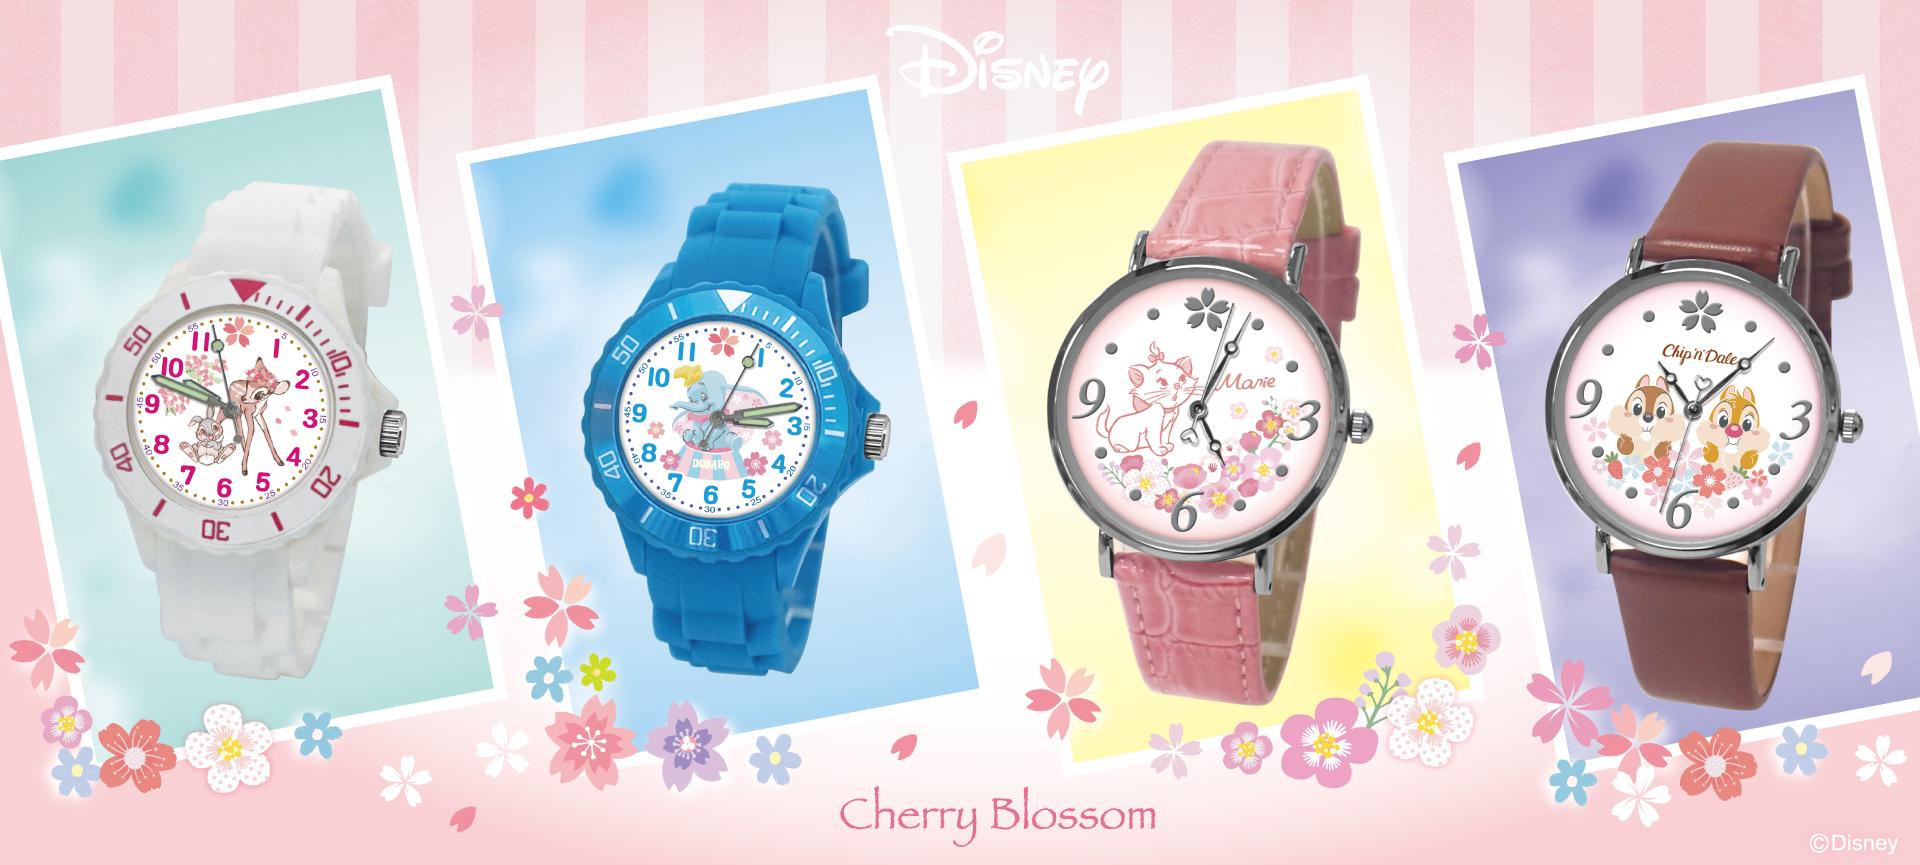 迪士尼櫻花季手錶配件